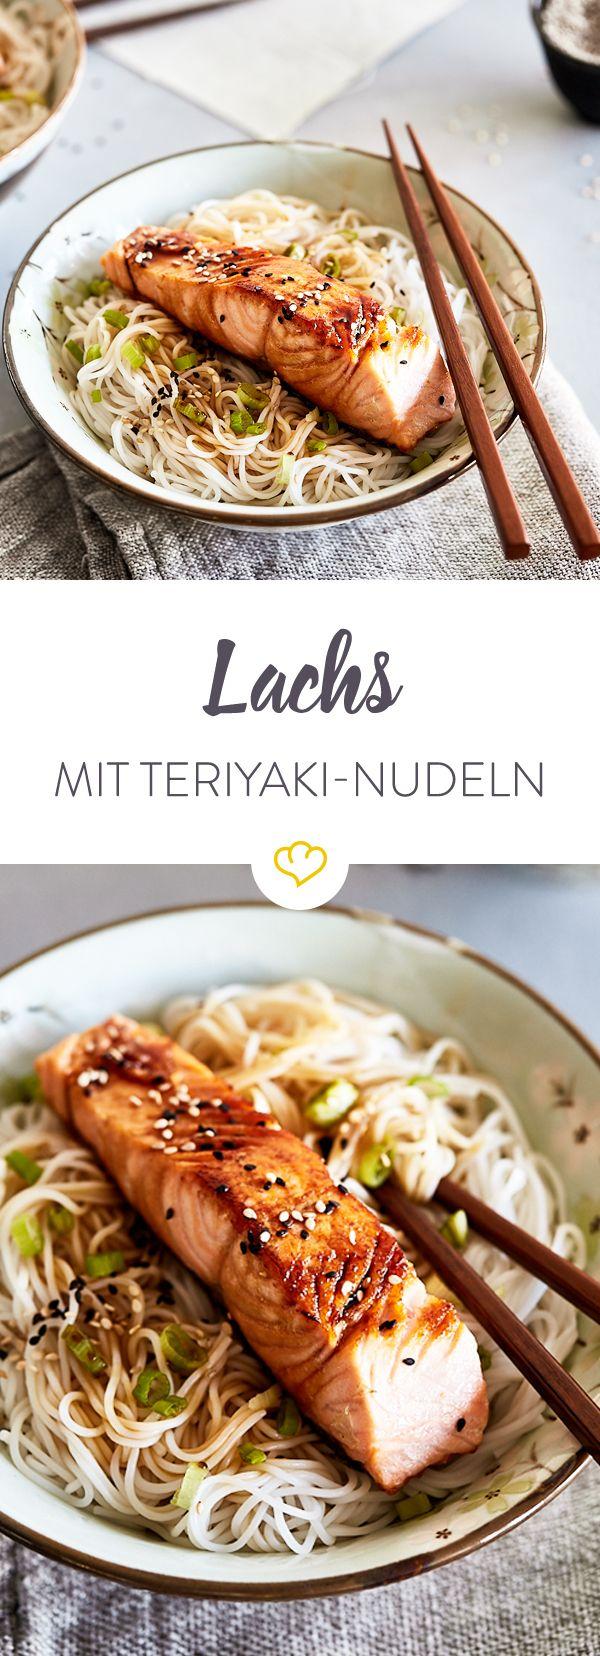 Mach deine Küche zu Little Tokio. Dieses leckere Gericht mit gebratenem Lachs auf Reisnudeln mit Teriyaki-Sauce hast du in nur 20 Minuten auf dem Tisch.